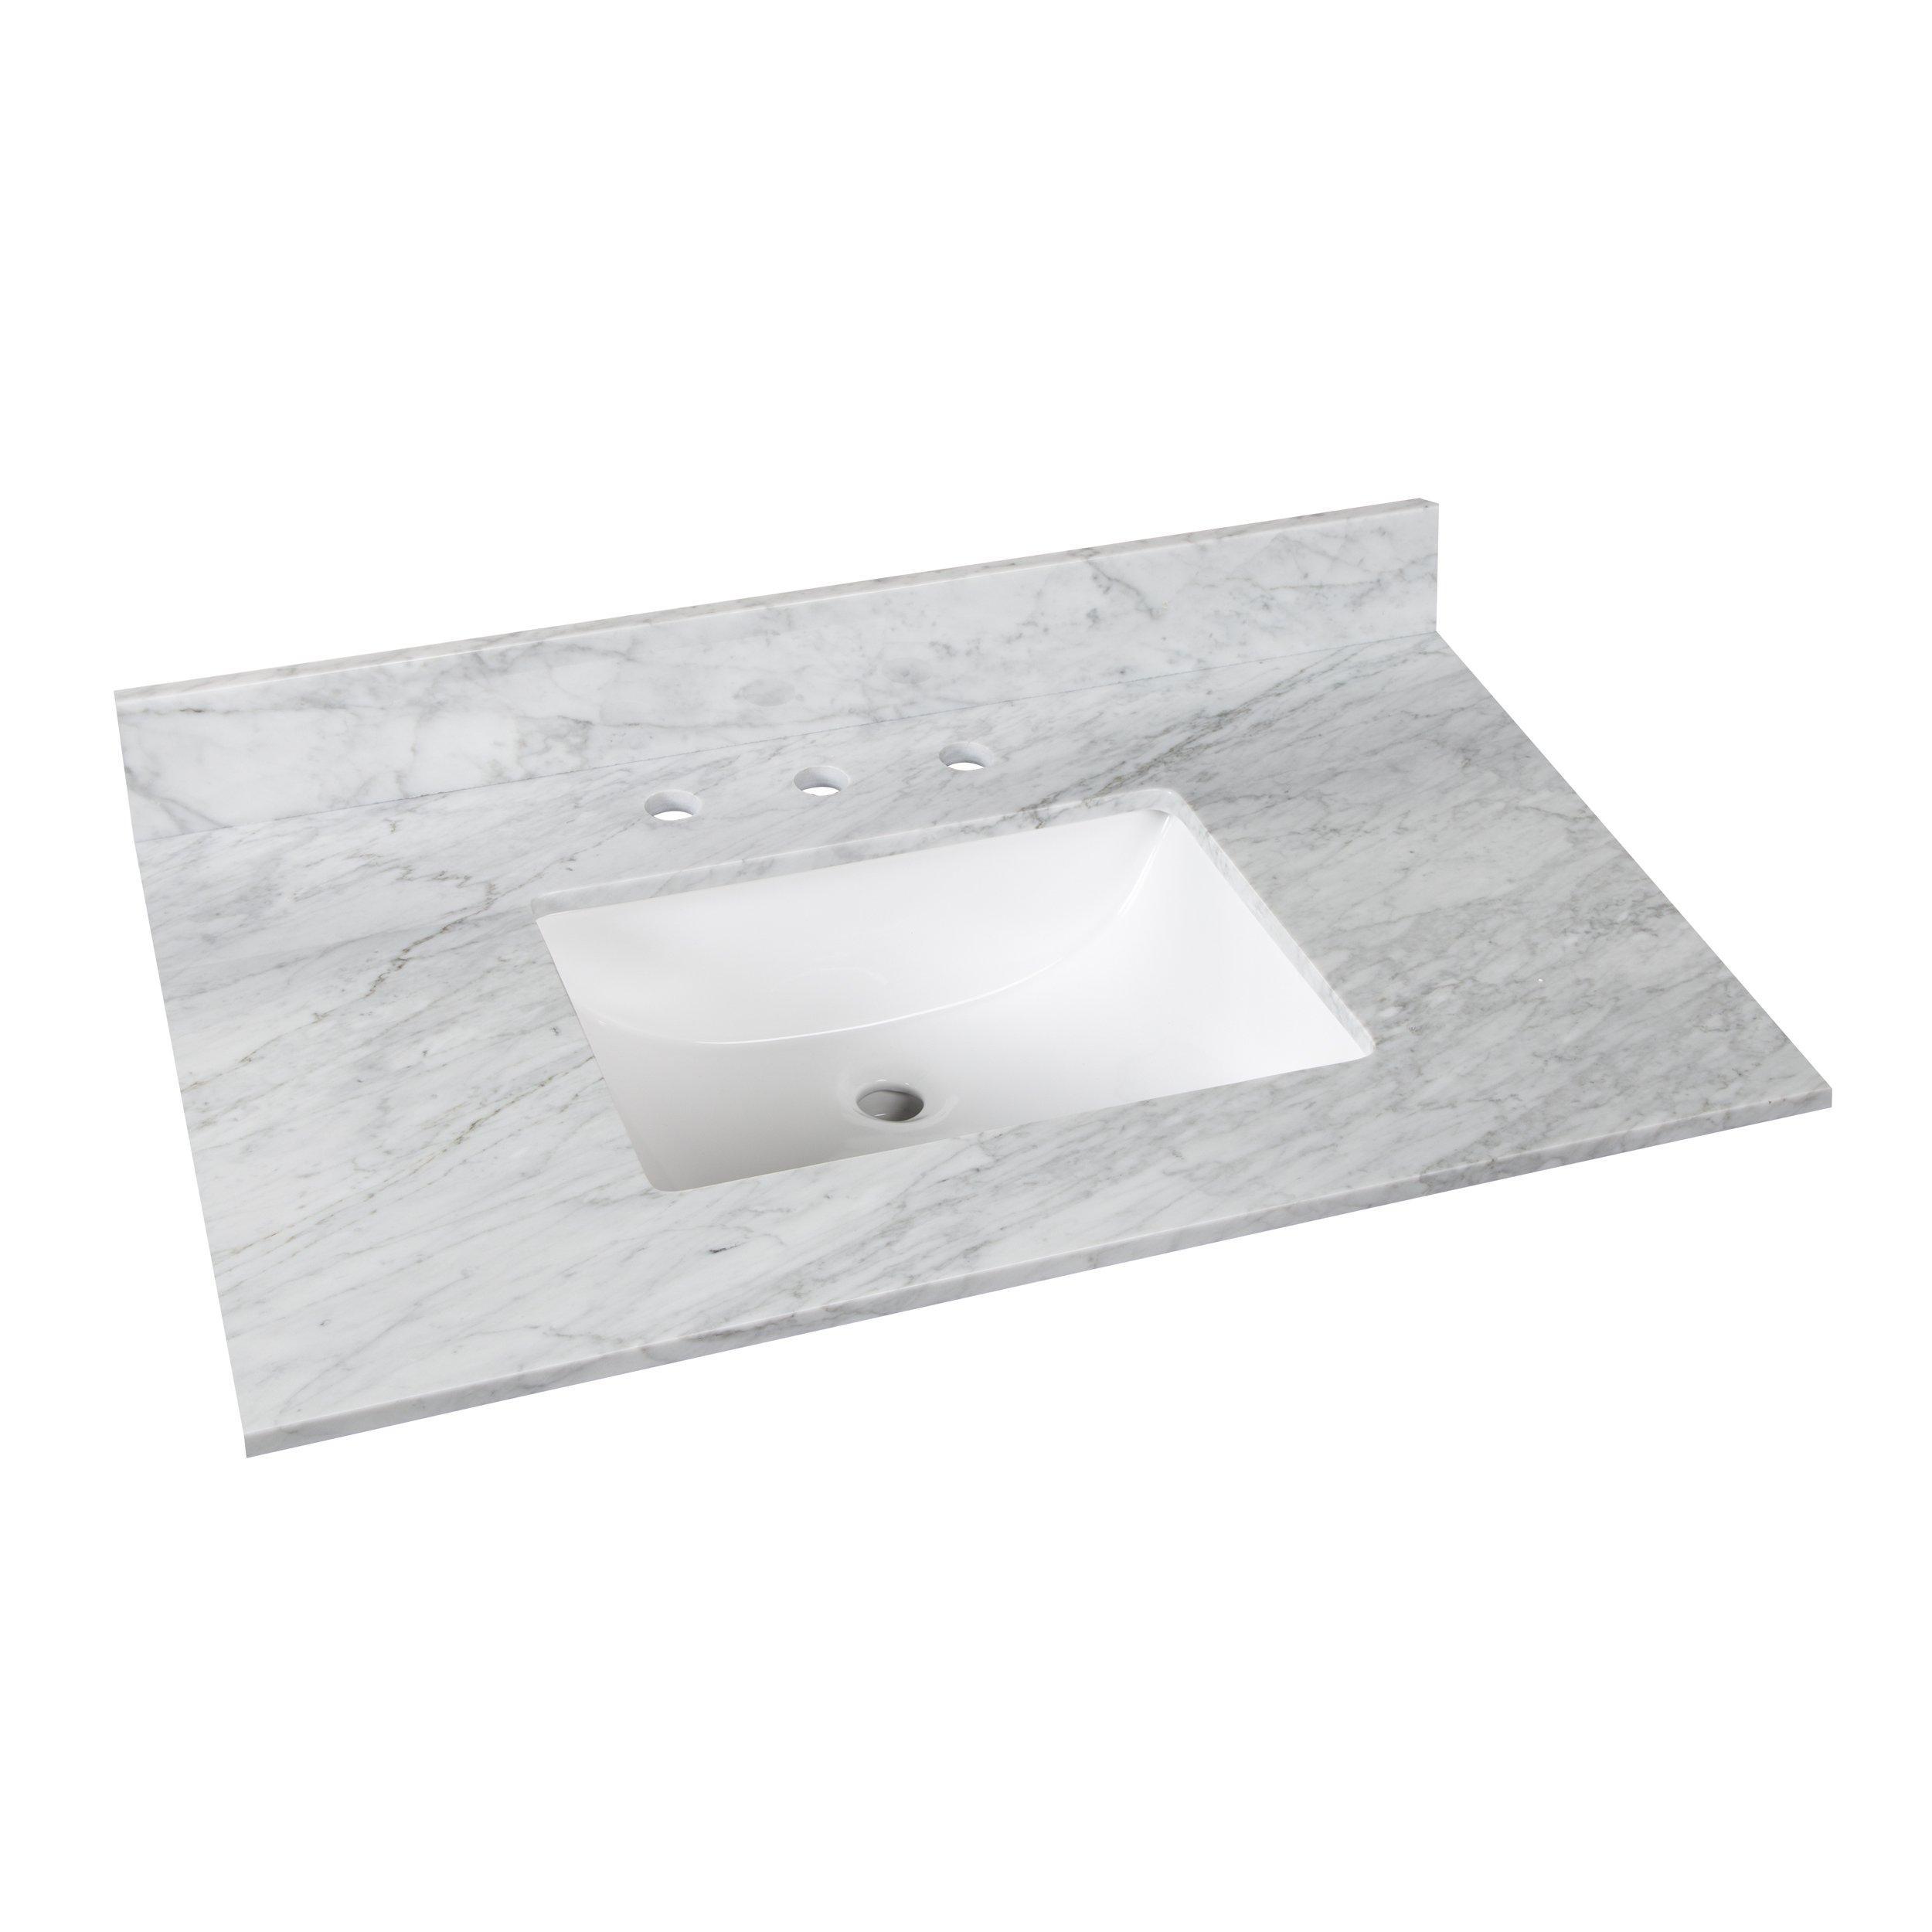 bianco carrara marble 37 in vanity top includes backsplash